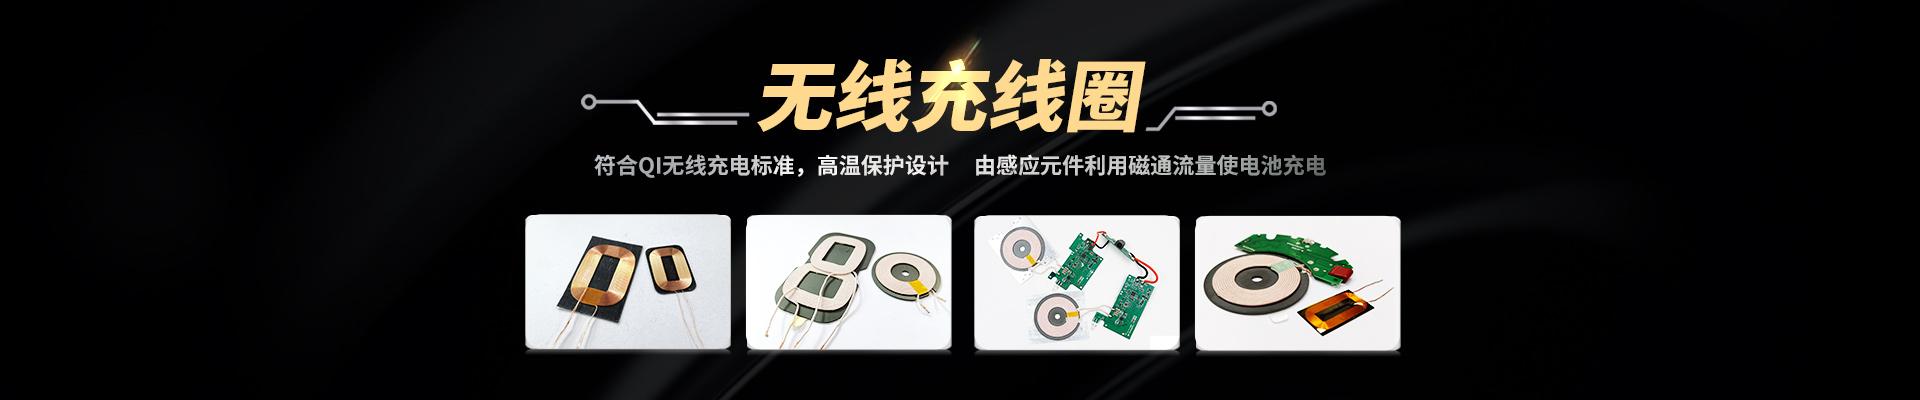 金昊德无线充线圈-符合Qi无线充电标准,高温保护设计